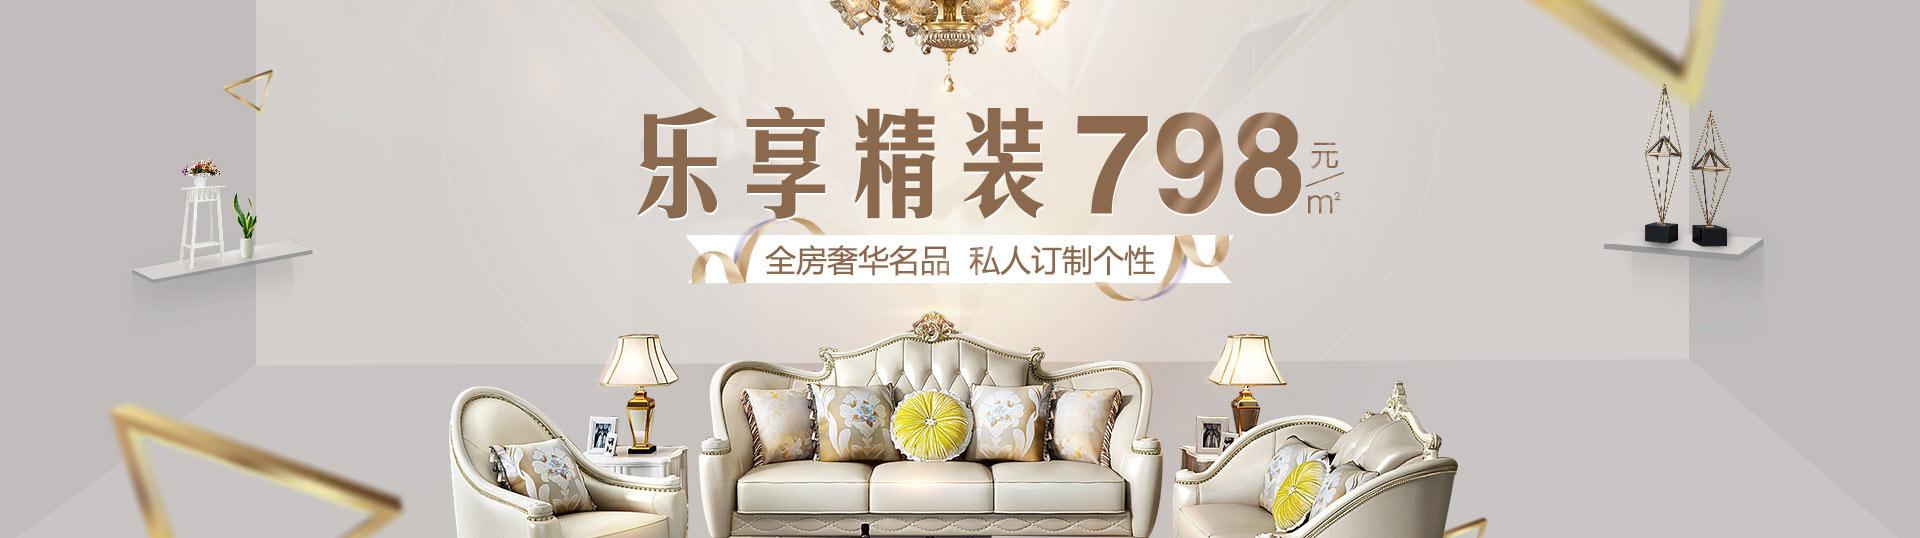 紫帆裝飾7系列樂享精裝套餐從毛坯到豪裝798元一平,家裝品質大升級